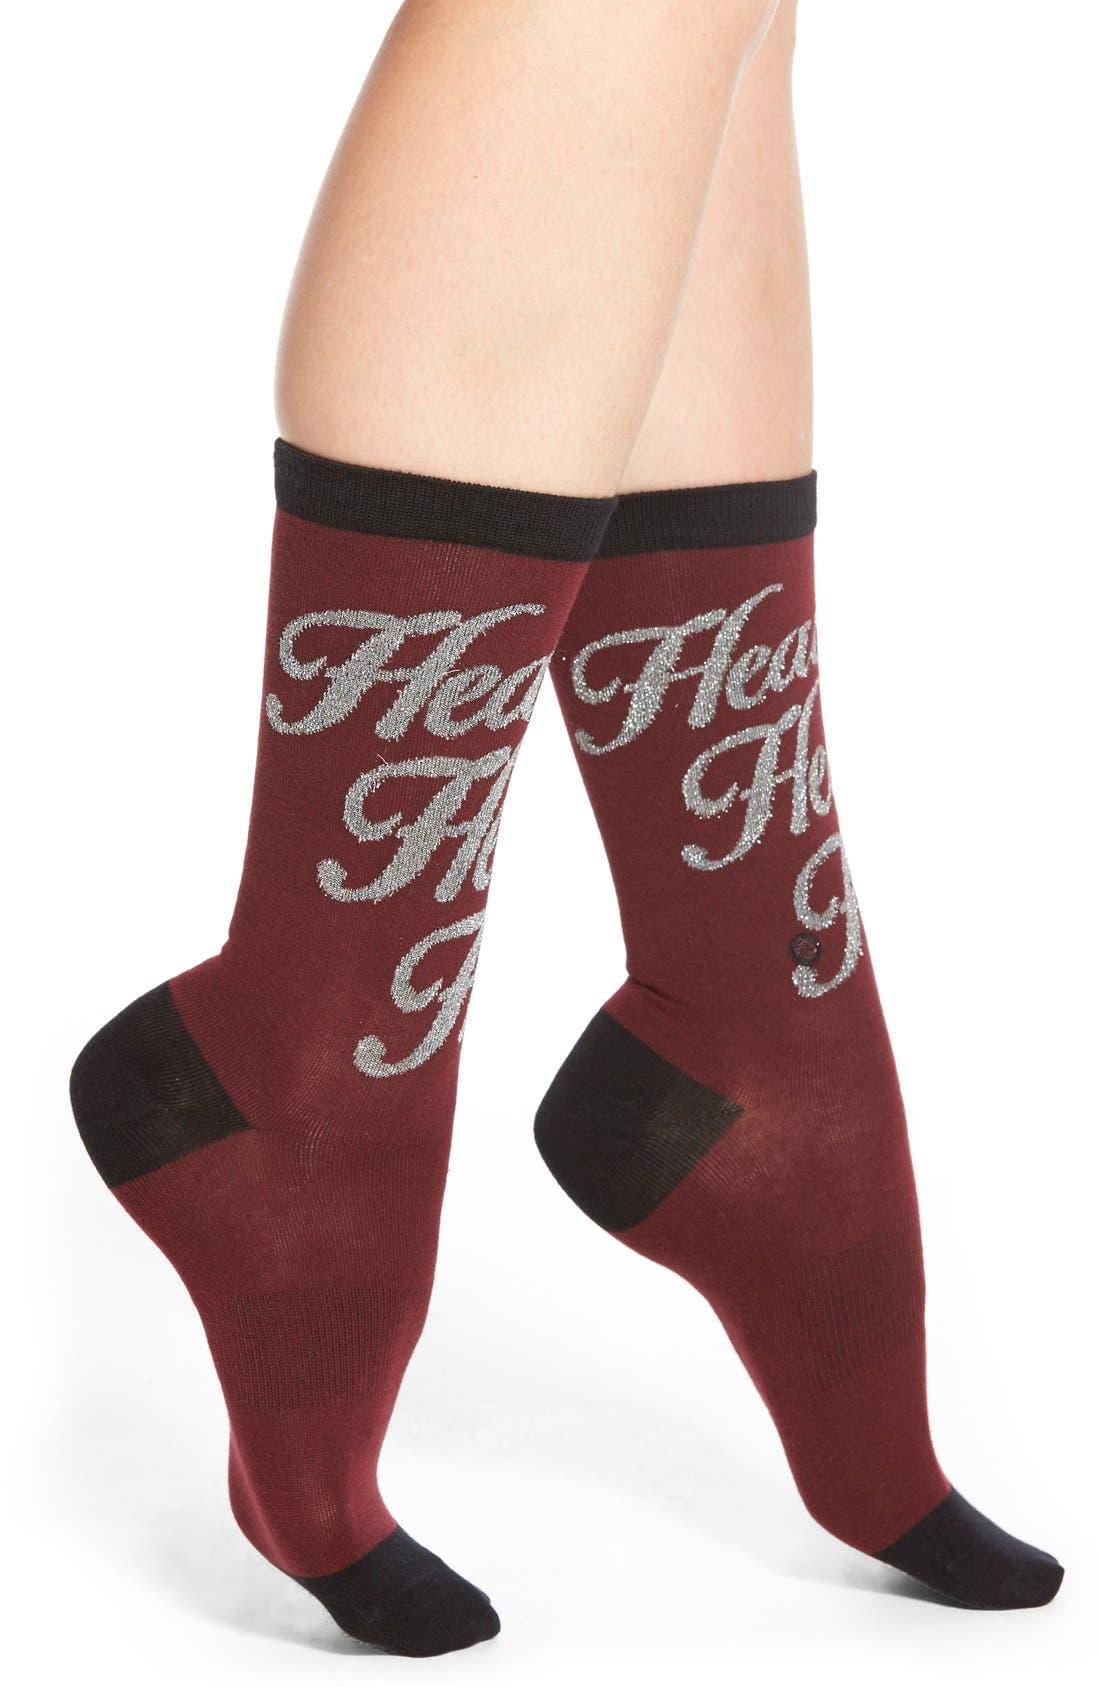 Alternate Image 1 Selected - Stance x Rihanna 'Heaux Heaux Heaux' Metallic Crew Socks